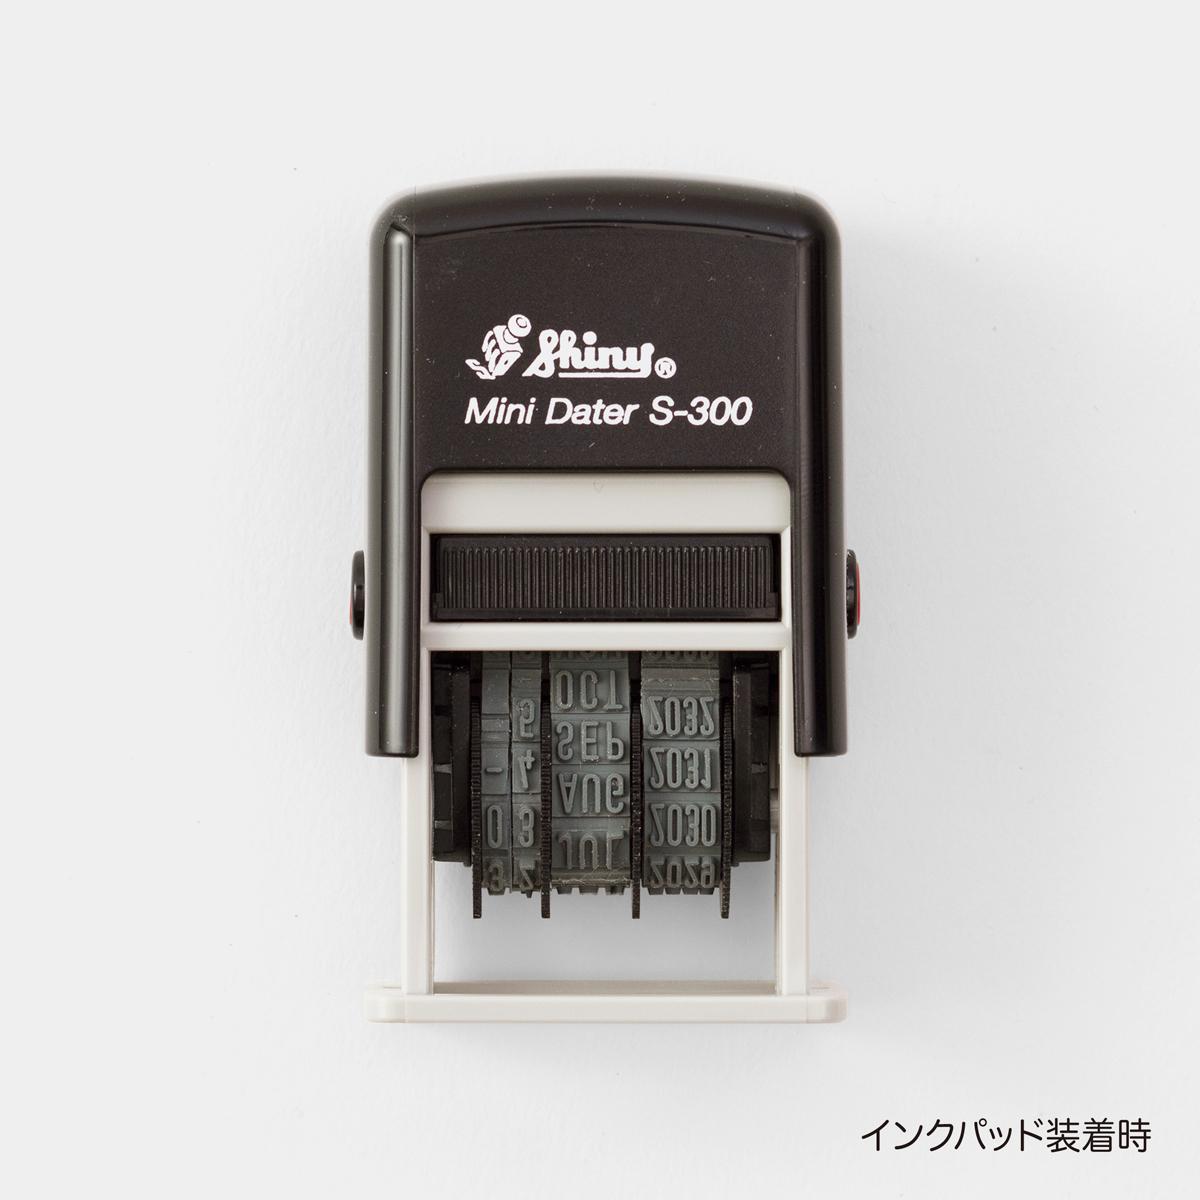 シャイニー 日付印(インク付) S-300(5号X4連)本西暦日付 本体黒